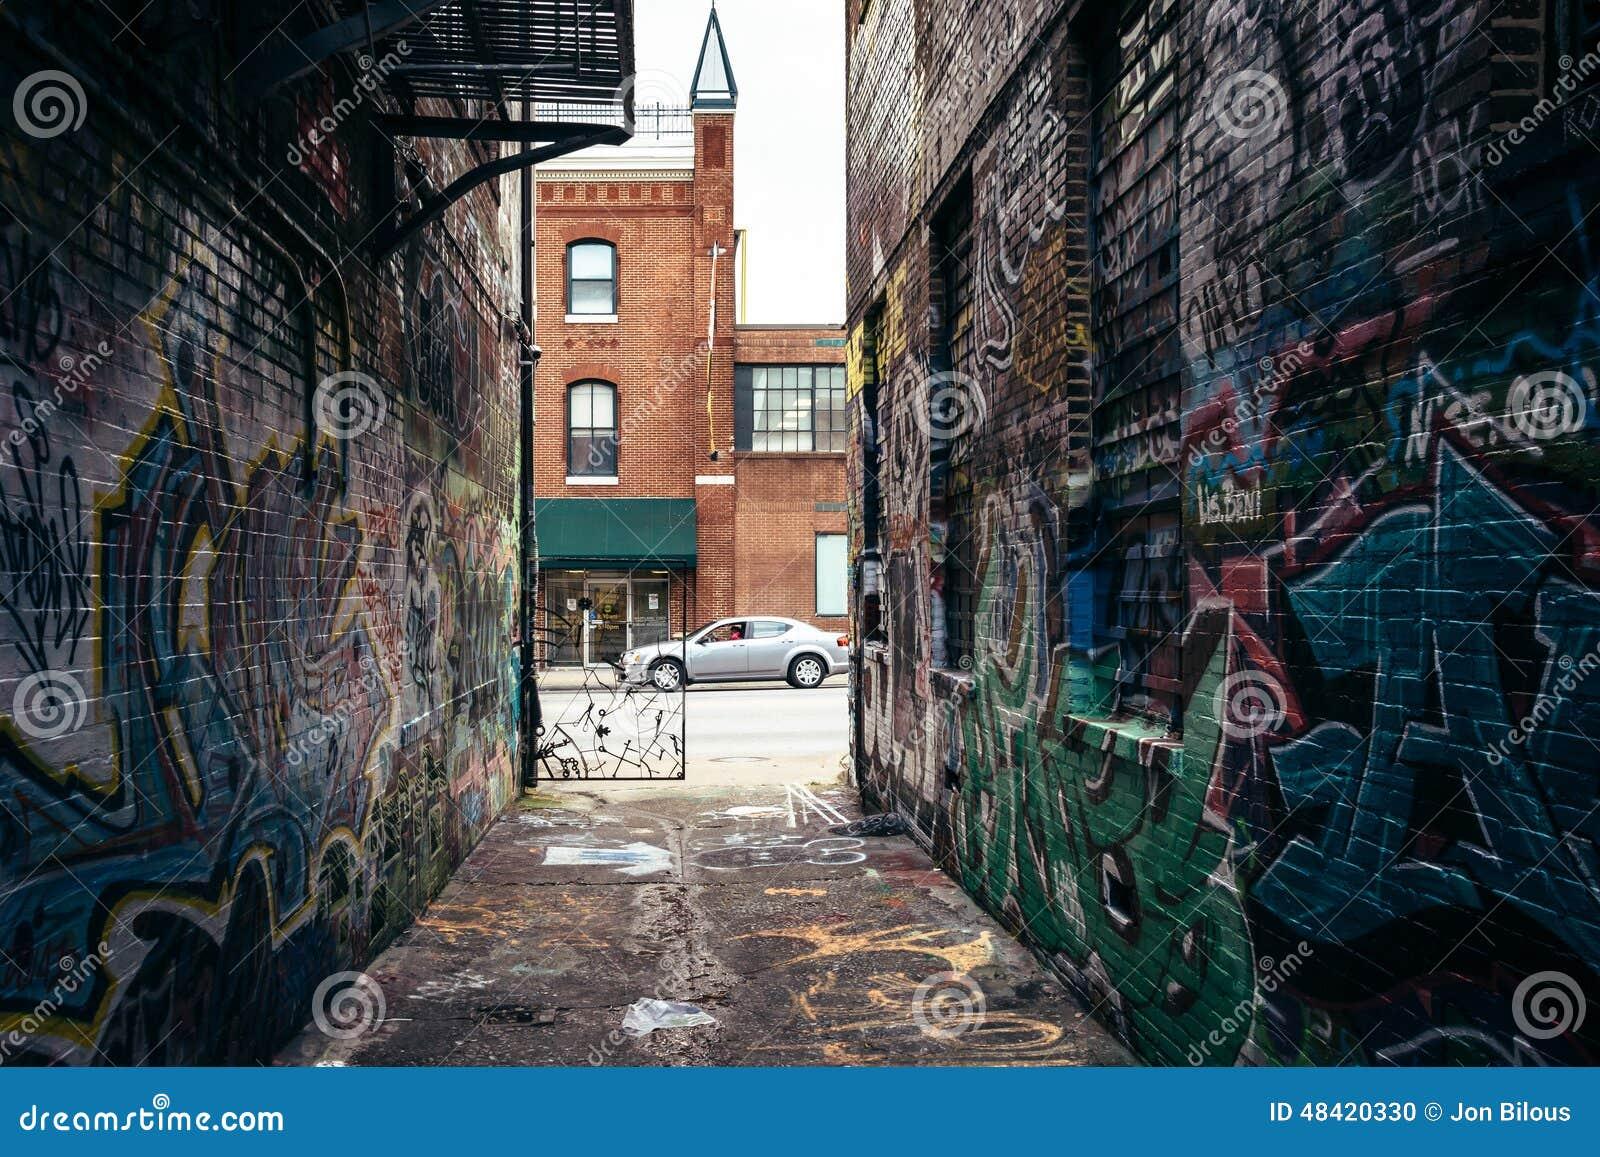 Graffiti wall baltimore - Alley Baltimore Graffiti